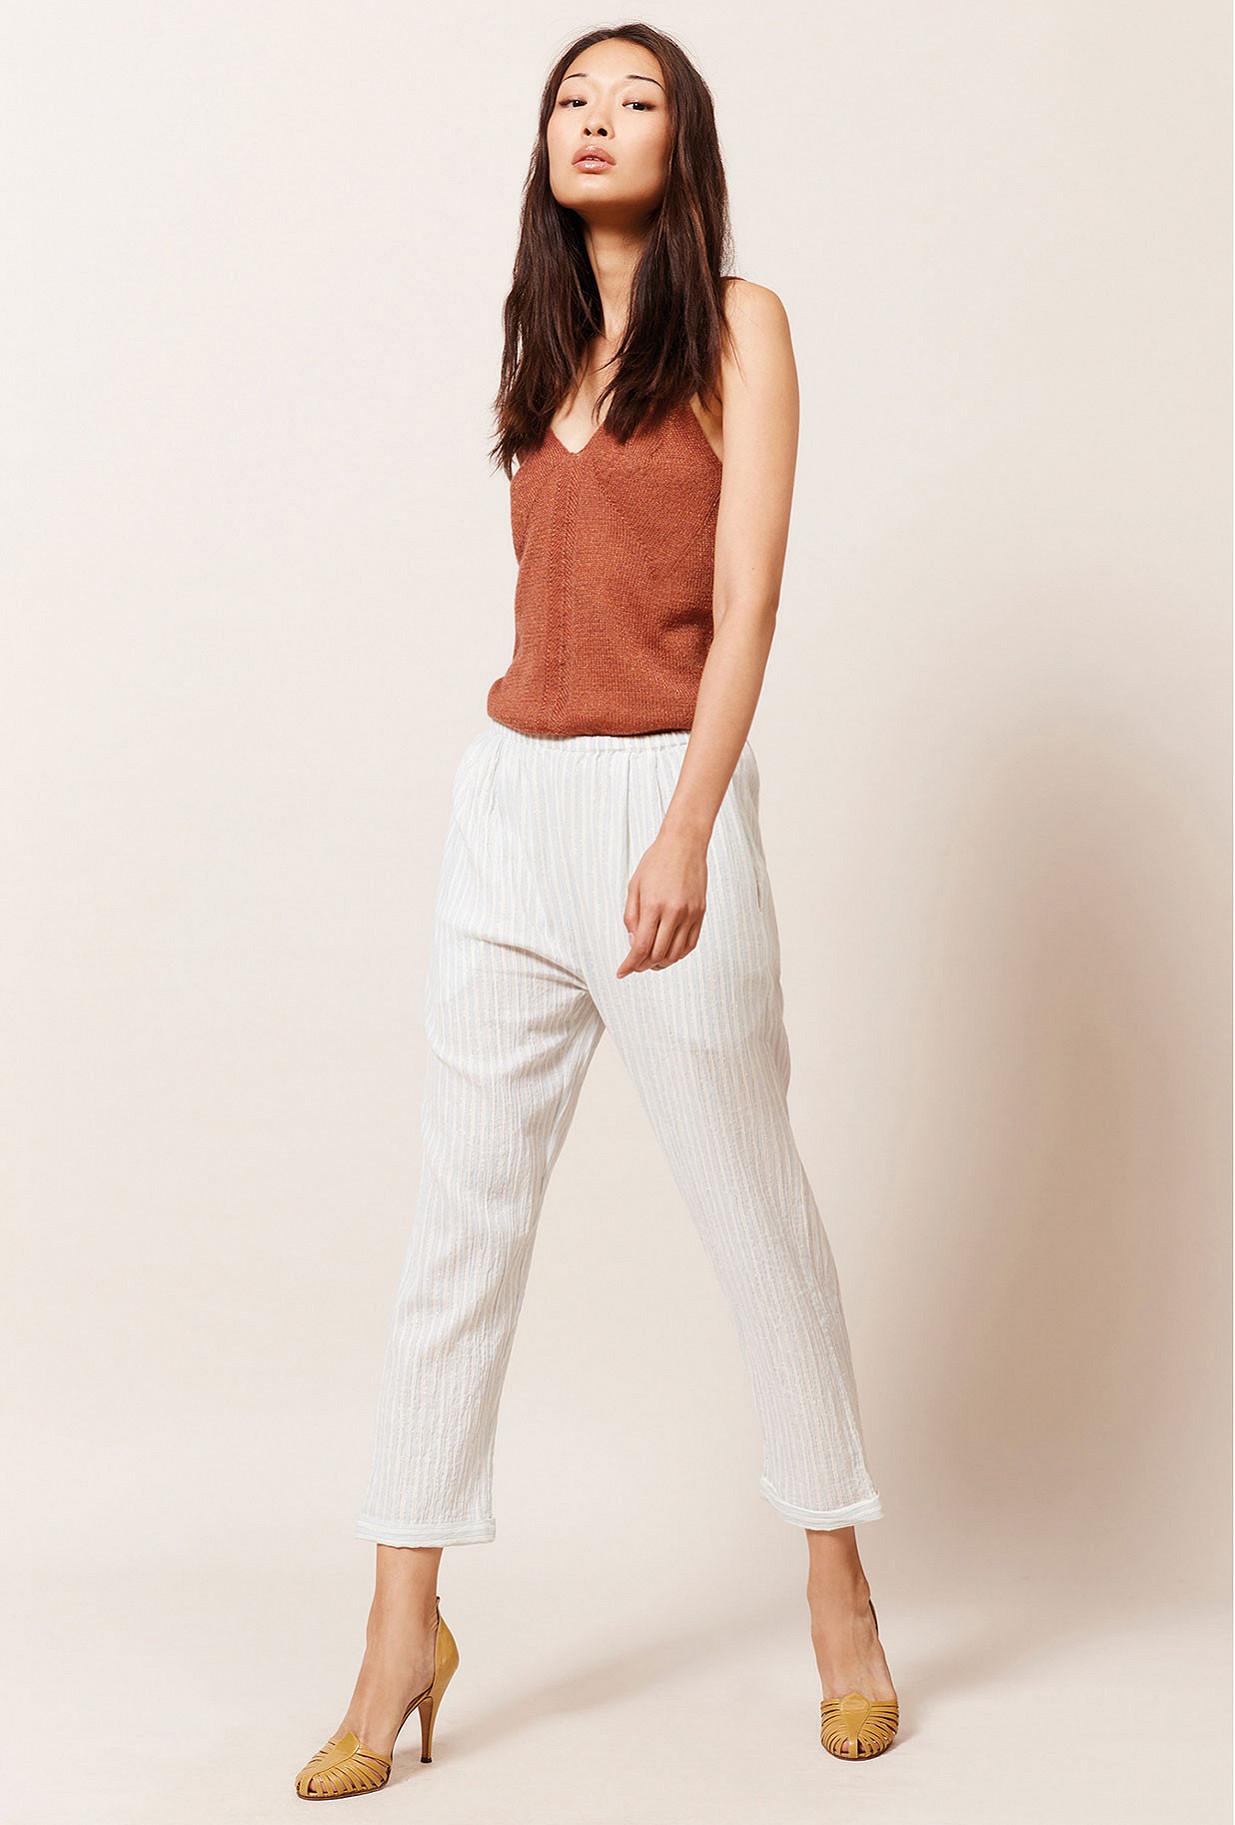 Paris boutique de mode vêtement Pantalon créateur bohème  Aquarius